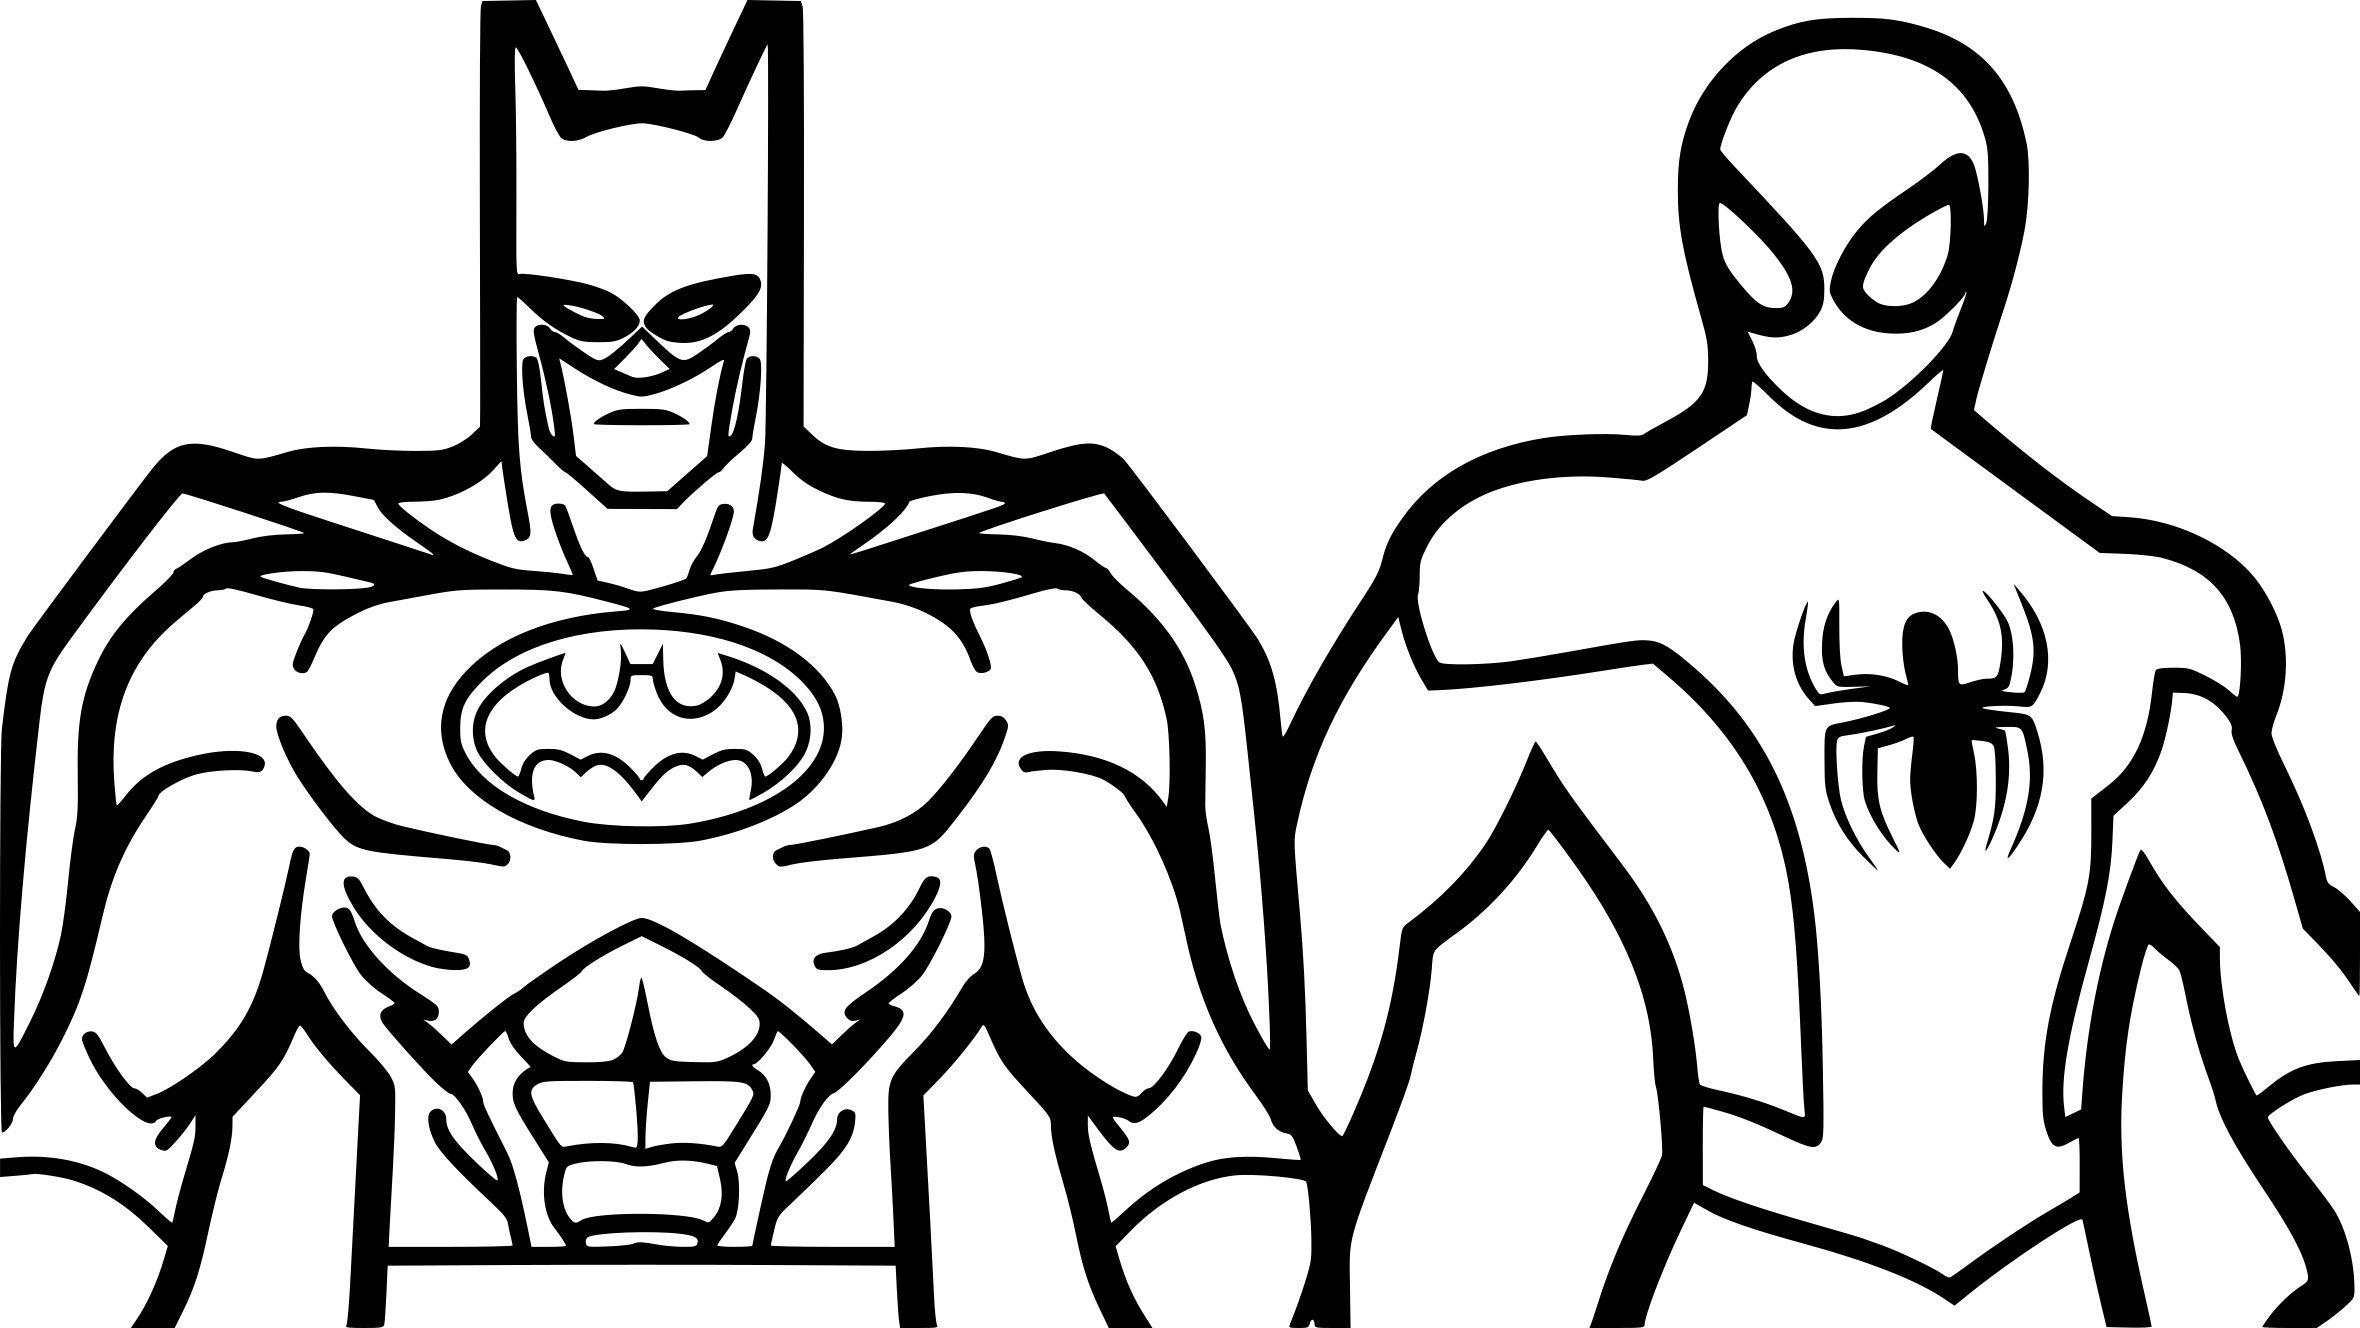 Coloriage Spiderman Et Batman A Imprimer Sur Coloriages